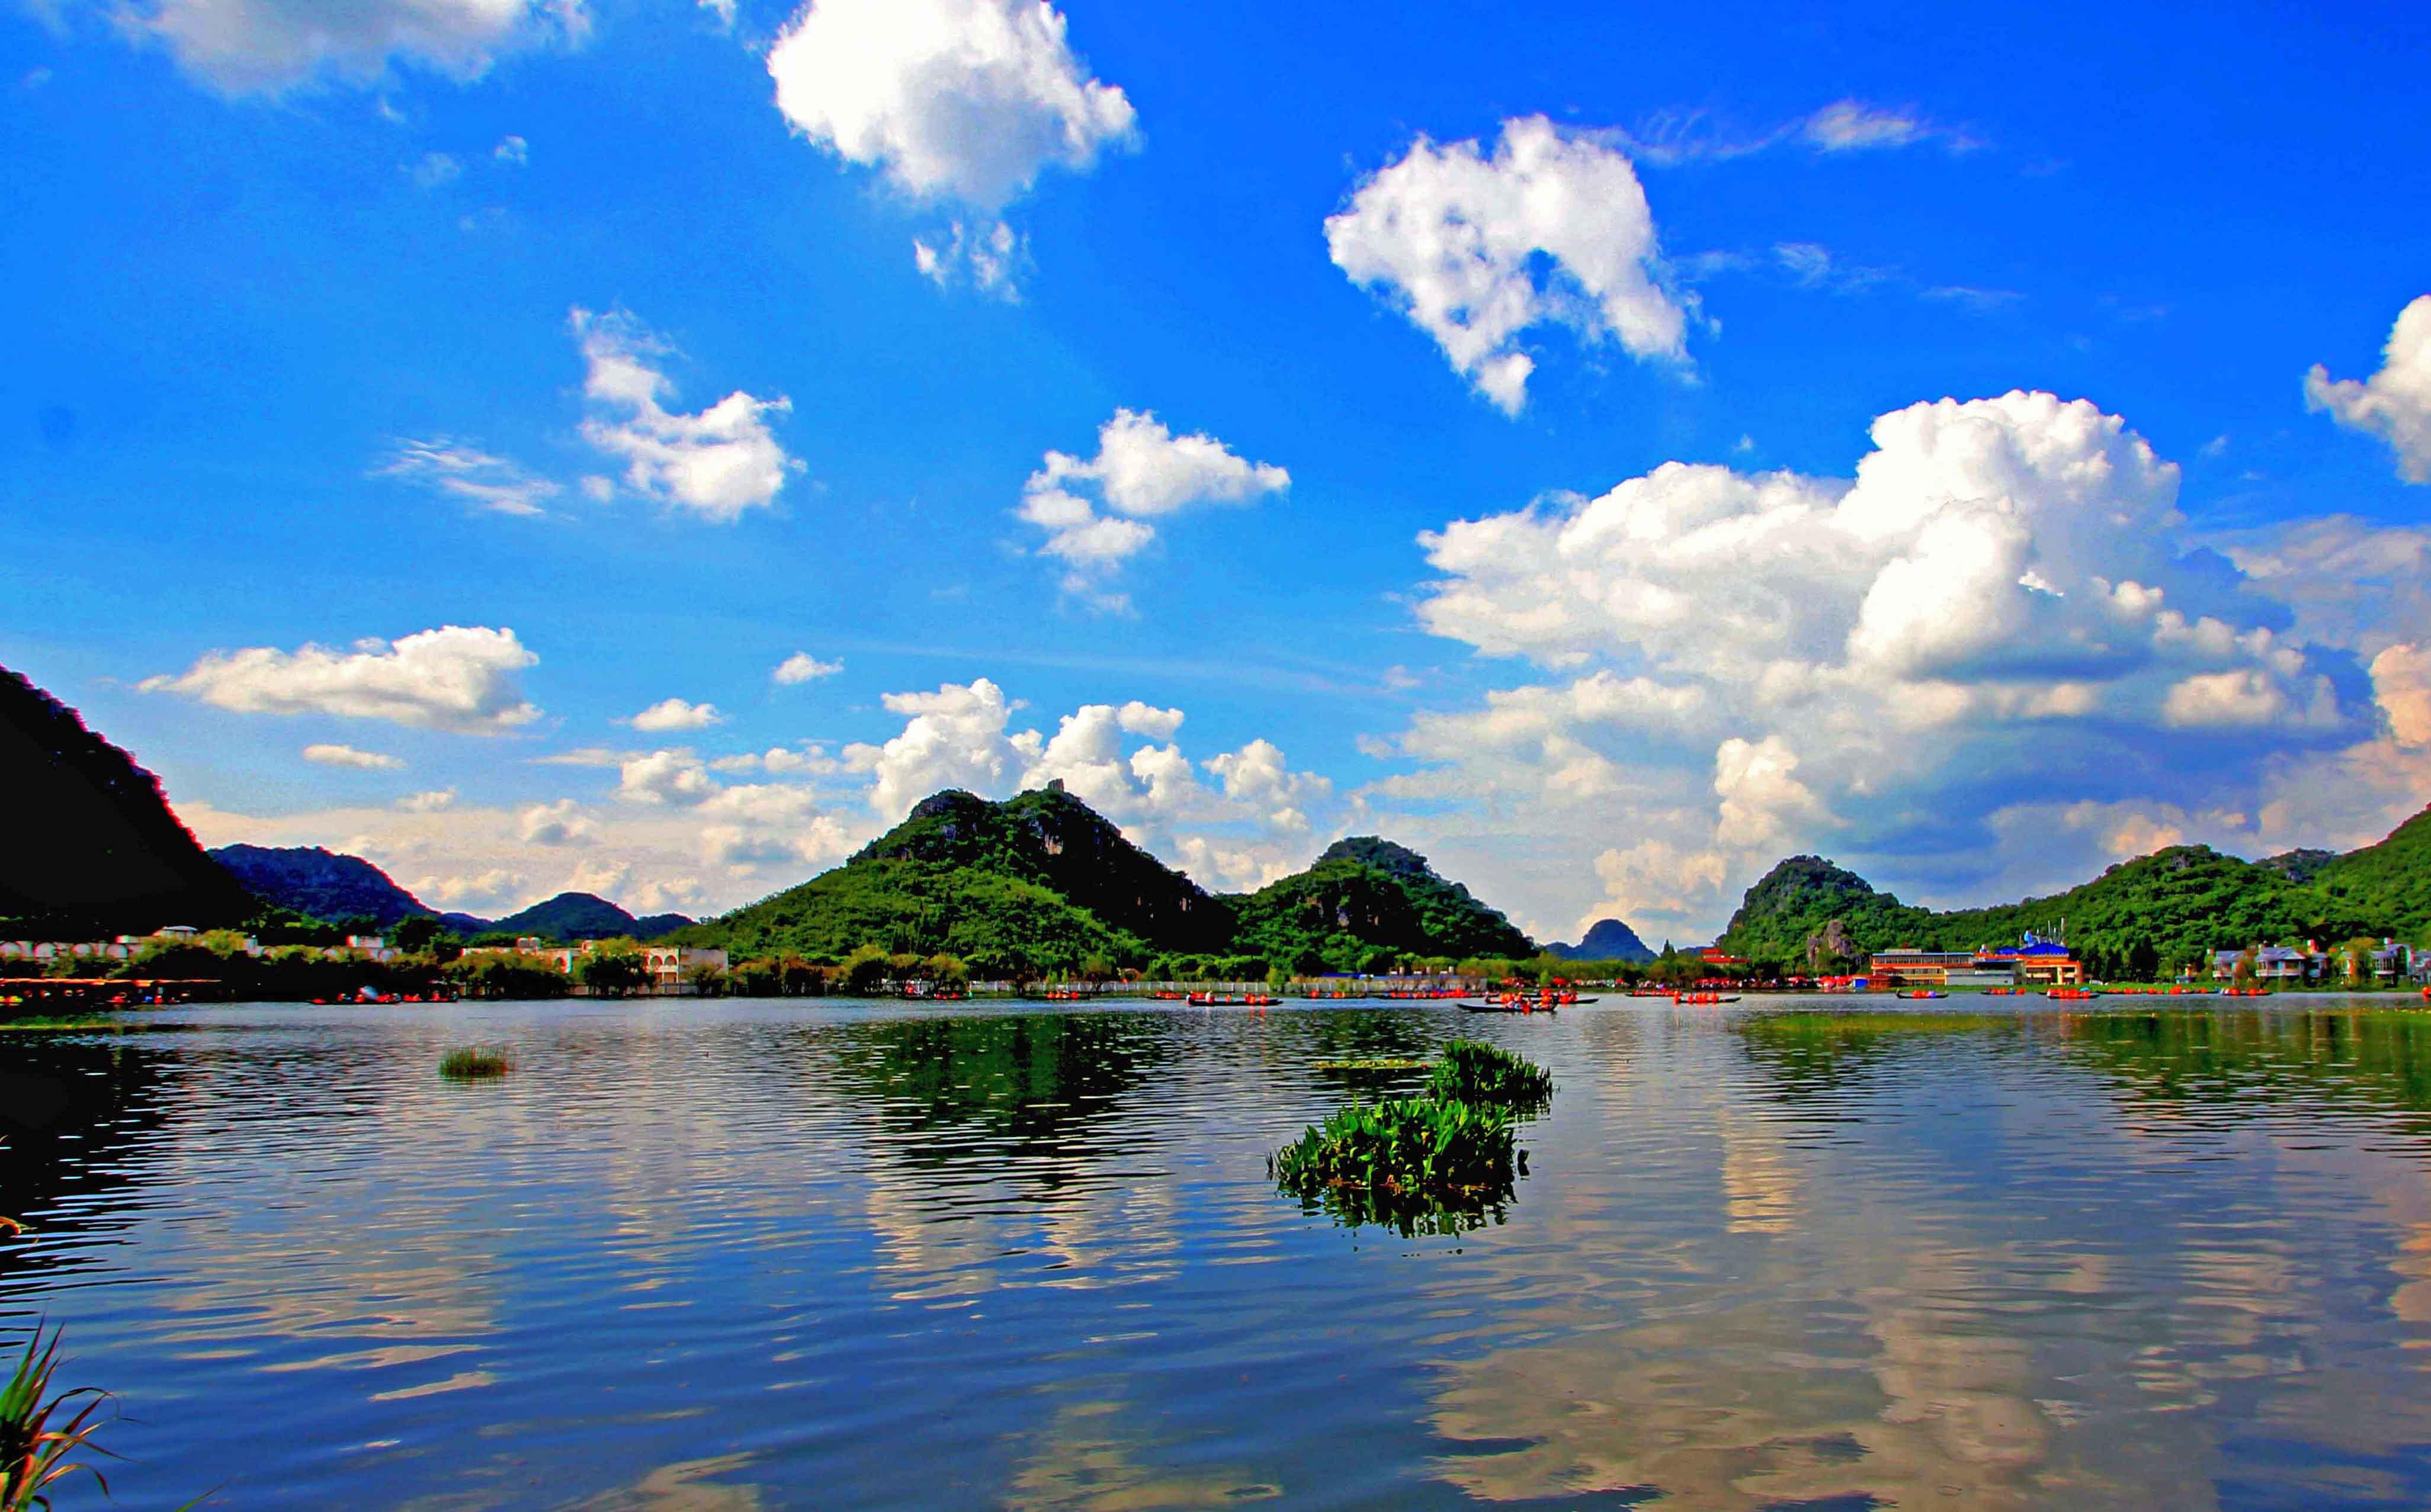 玉溪抚仙湖旅游景点简介,图片,旅游信息推荐-2345旅游